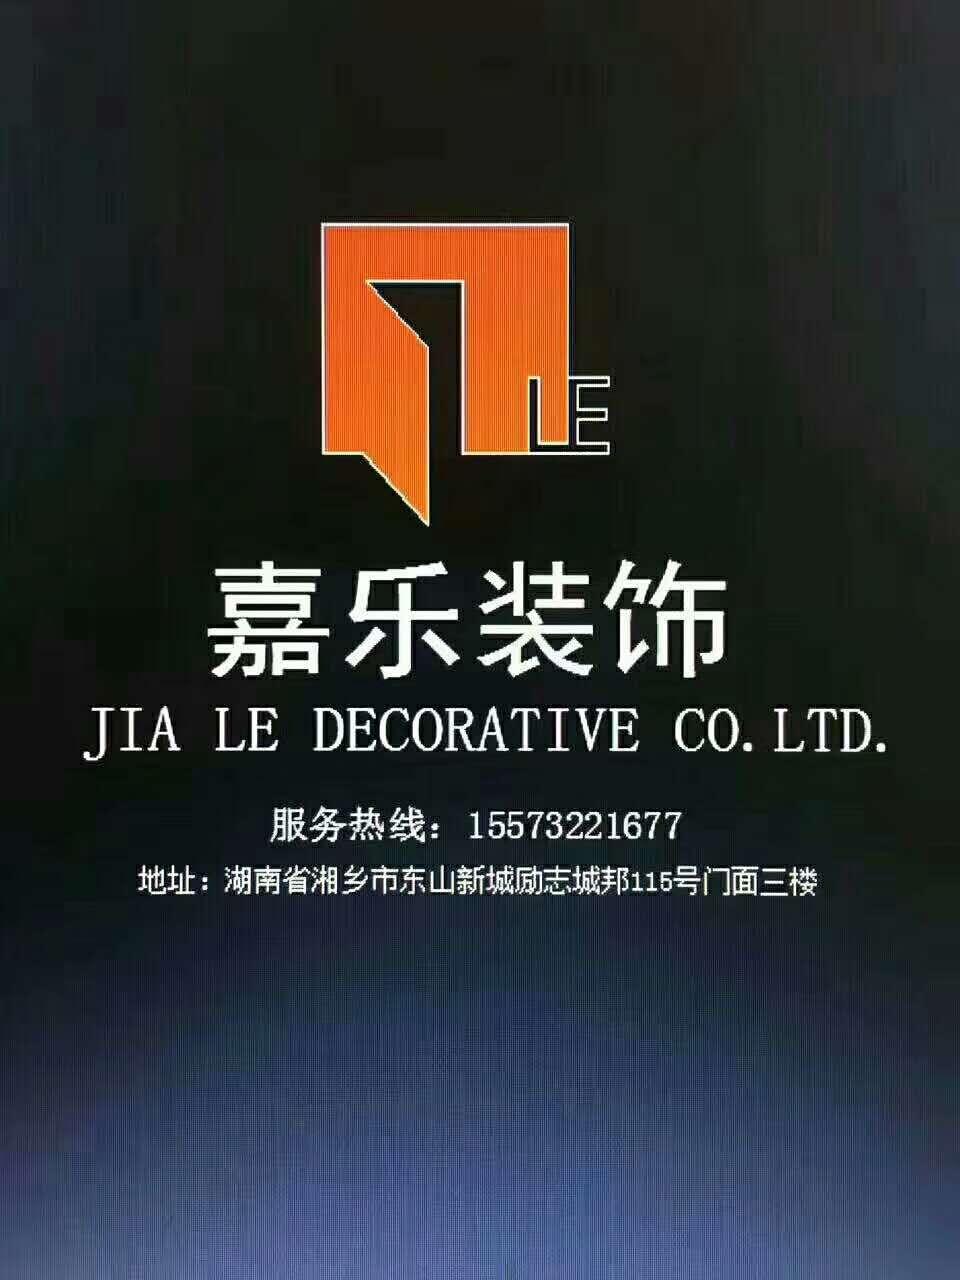 湘乡市嘉乐装饰设计工程有限公司